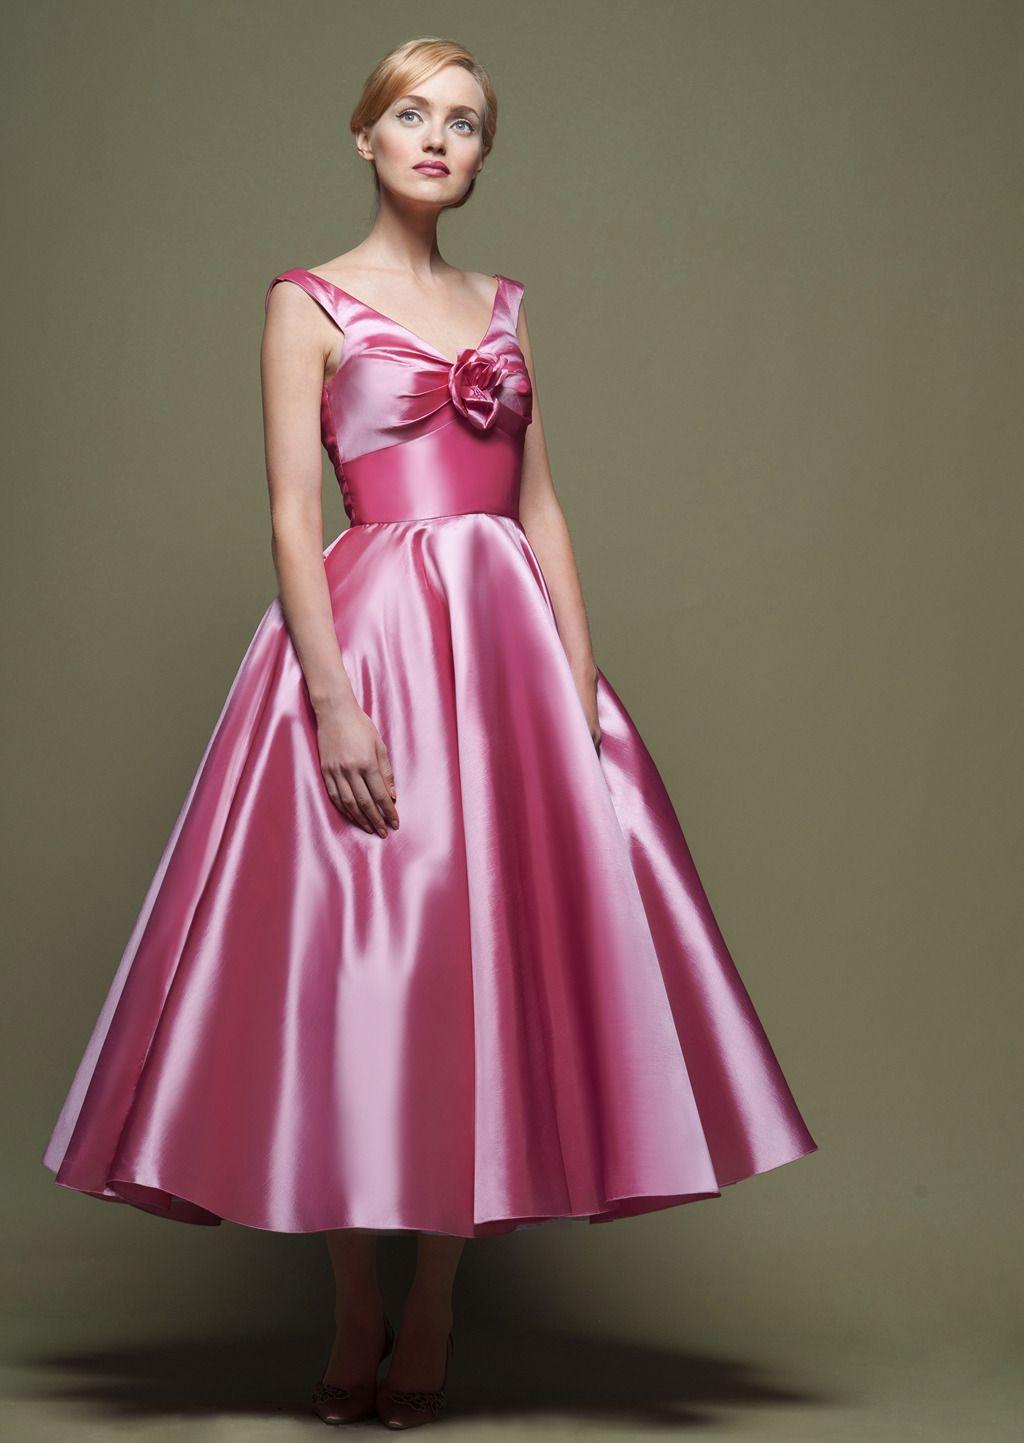 Formal Top Abendkleider Lang Seide Galerie15 Leicht Abendkleider Lang Seide Vertrieb